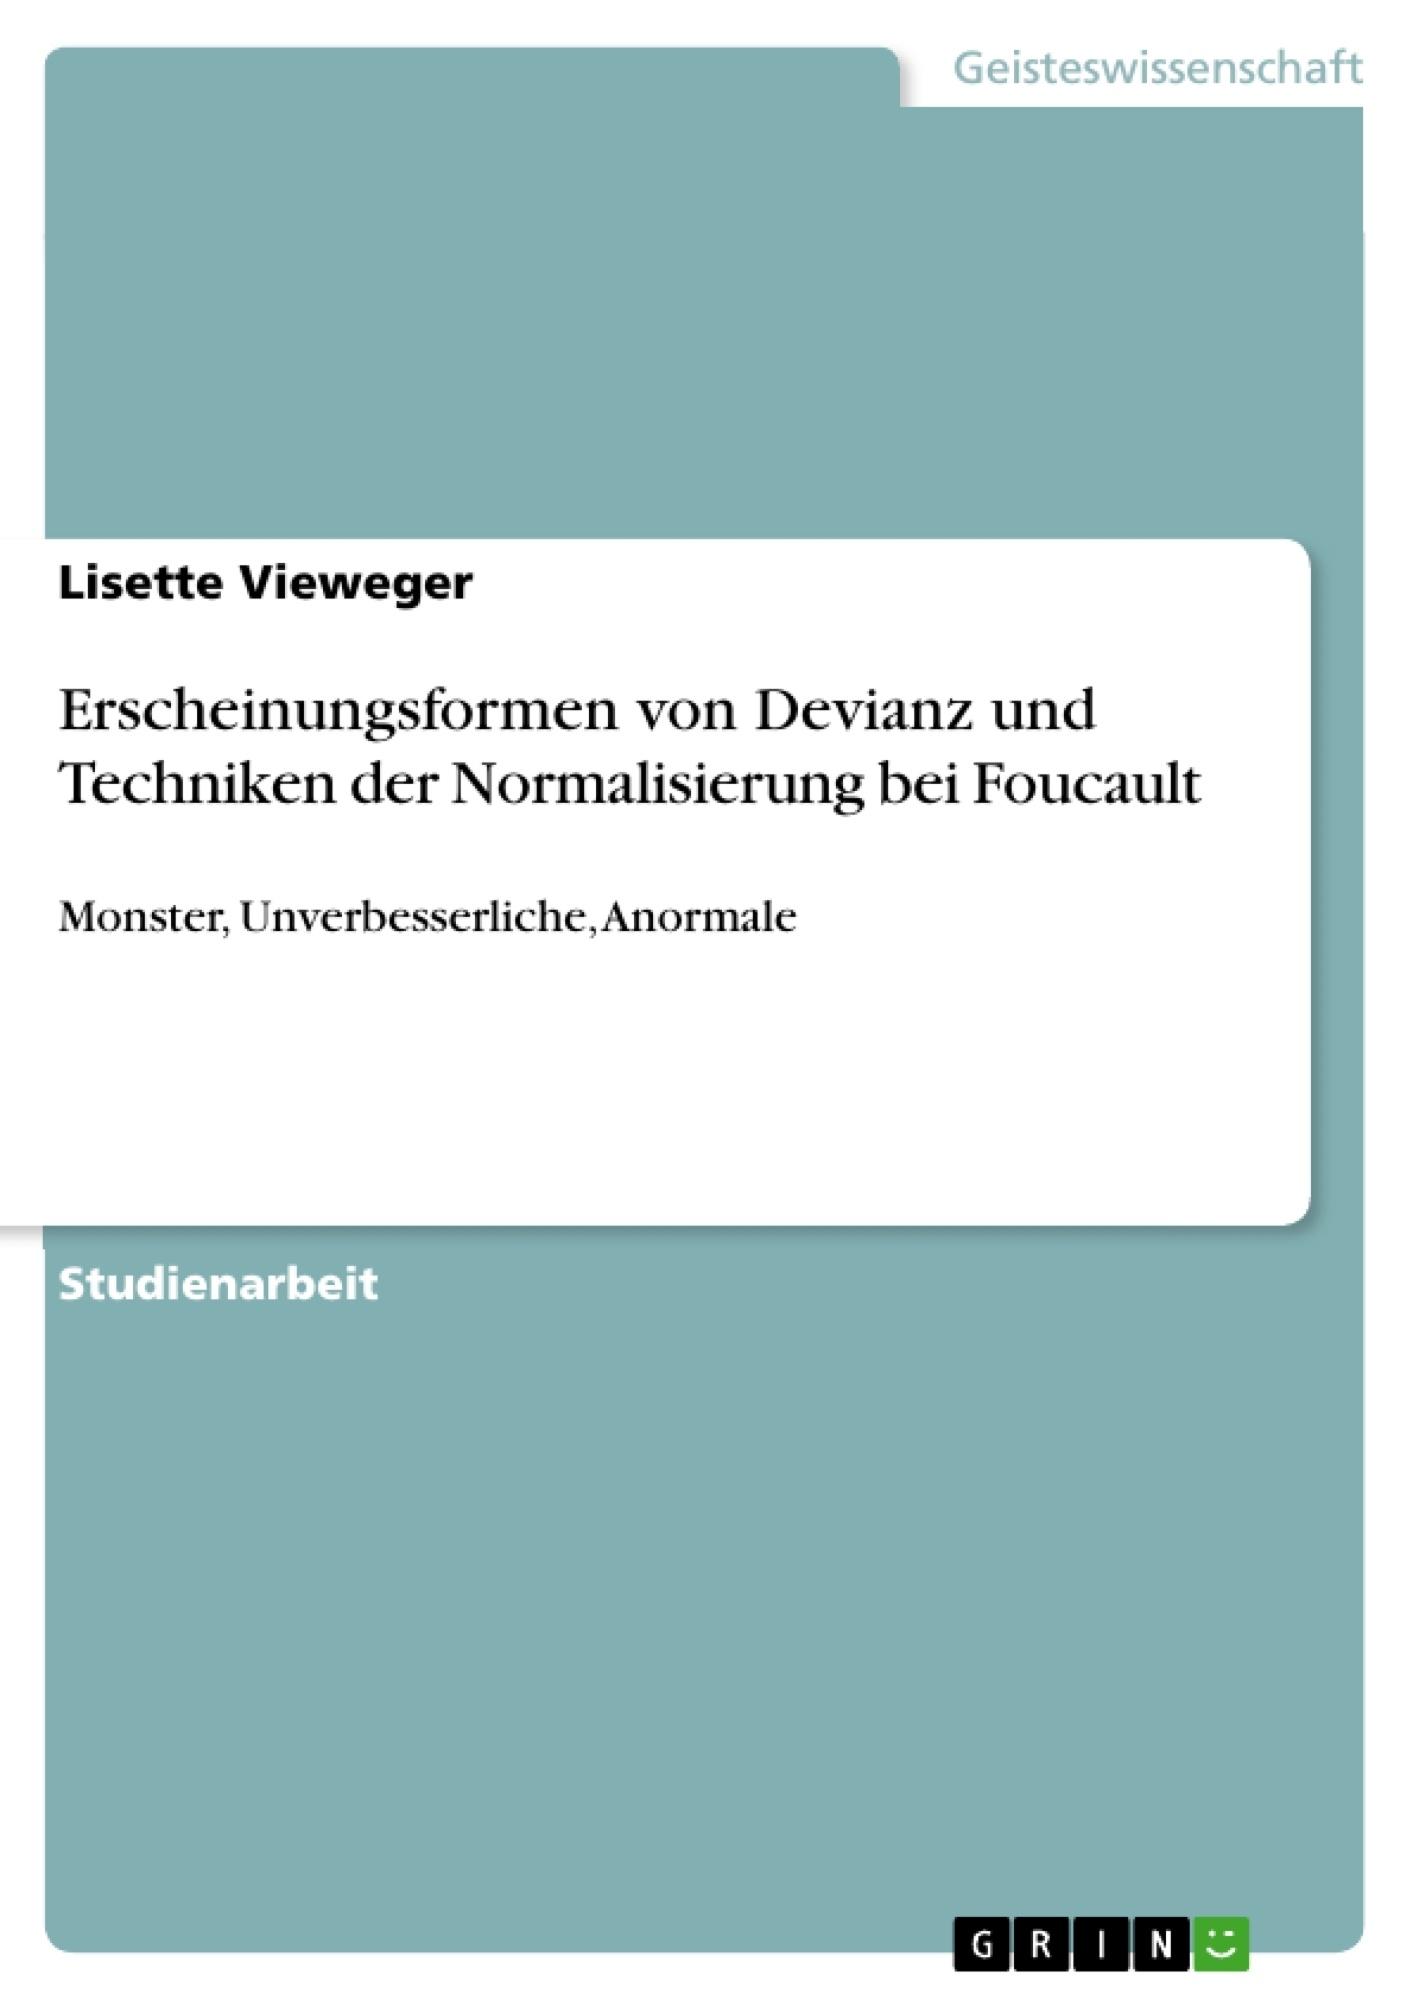 Titel: Erscheinungsformen von Devianz und Techniken der Normalisierung bei Foucault